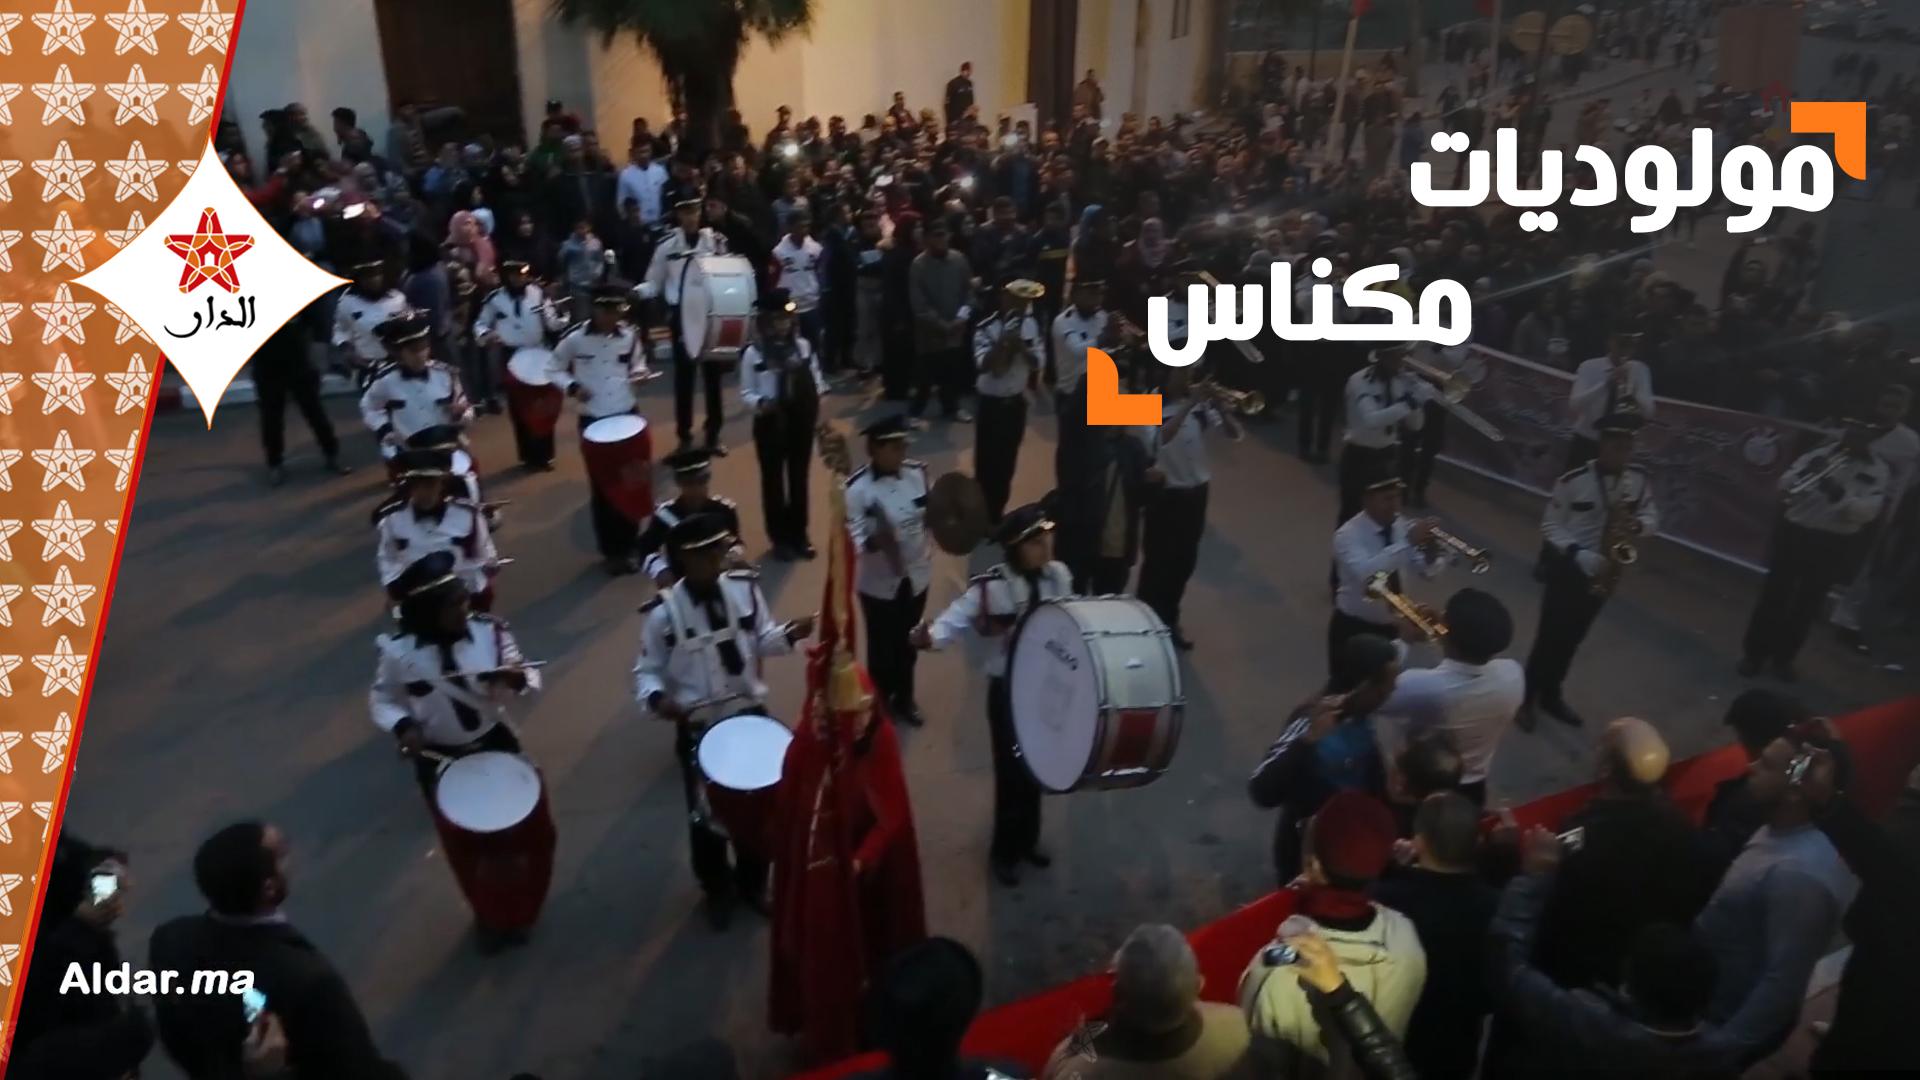 صورة مكناس تواصل احتضان المهرجان الدولي لمولوديات العاصمة الإسماعيلية